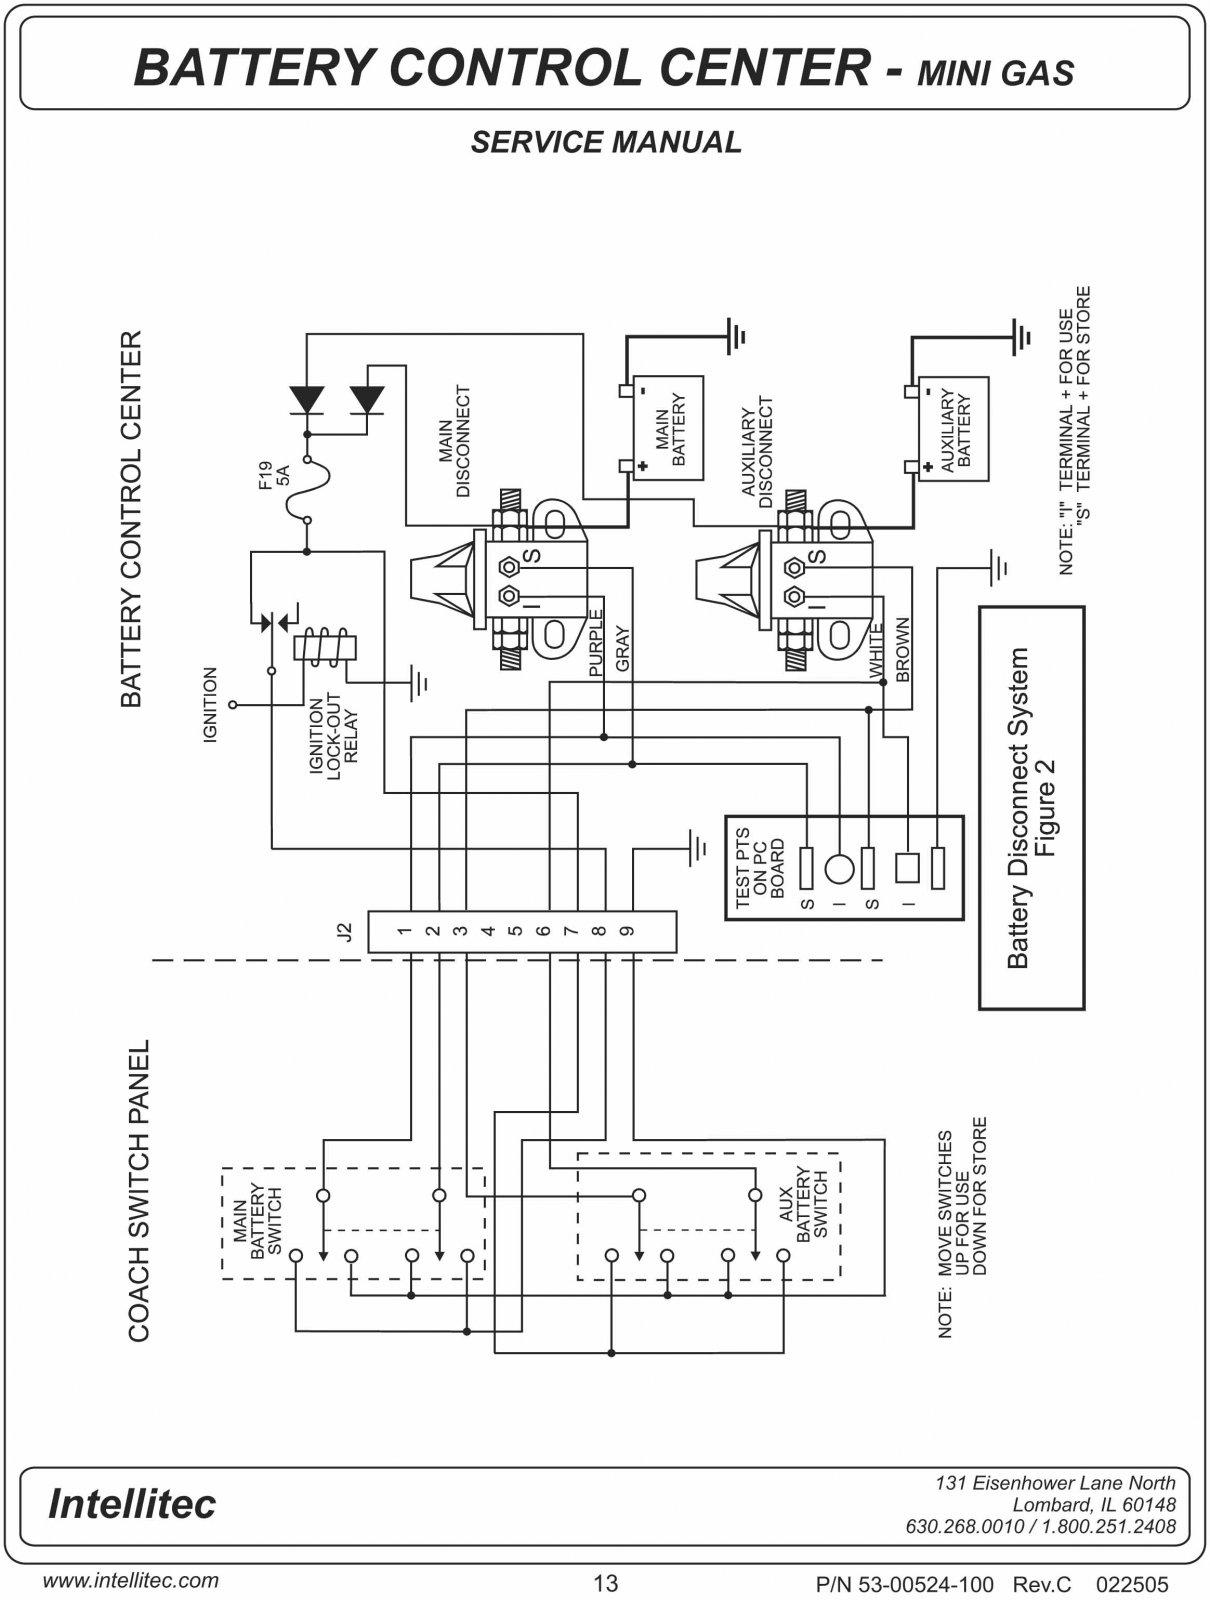 winnebago wiring diagrams for batteries winnebago floor